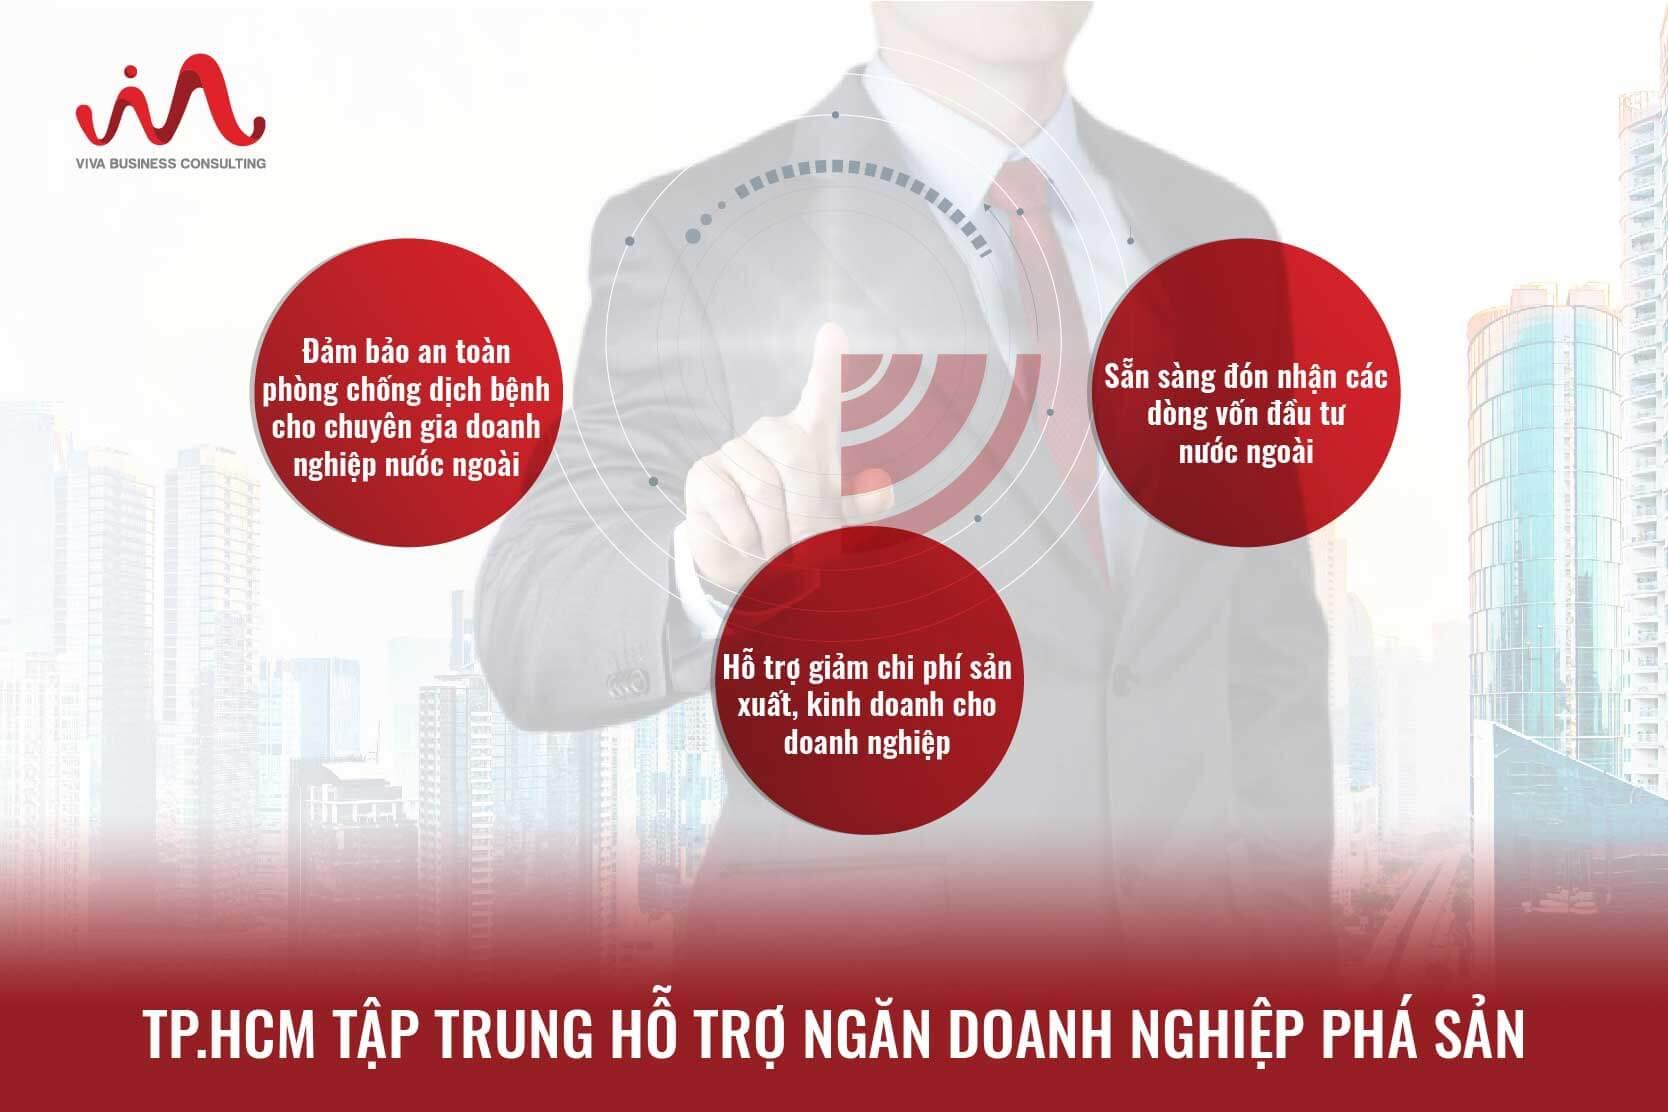 TP.HCM Tập trung hỗ trợ ngăn doanh nghiệp phá sản